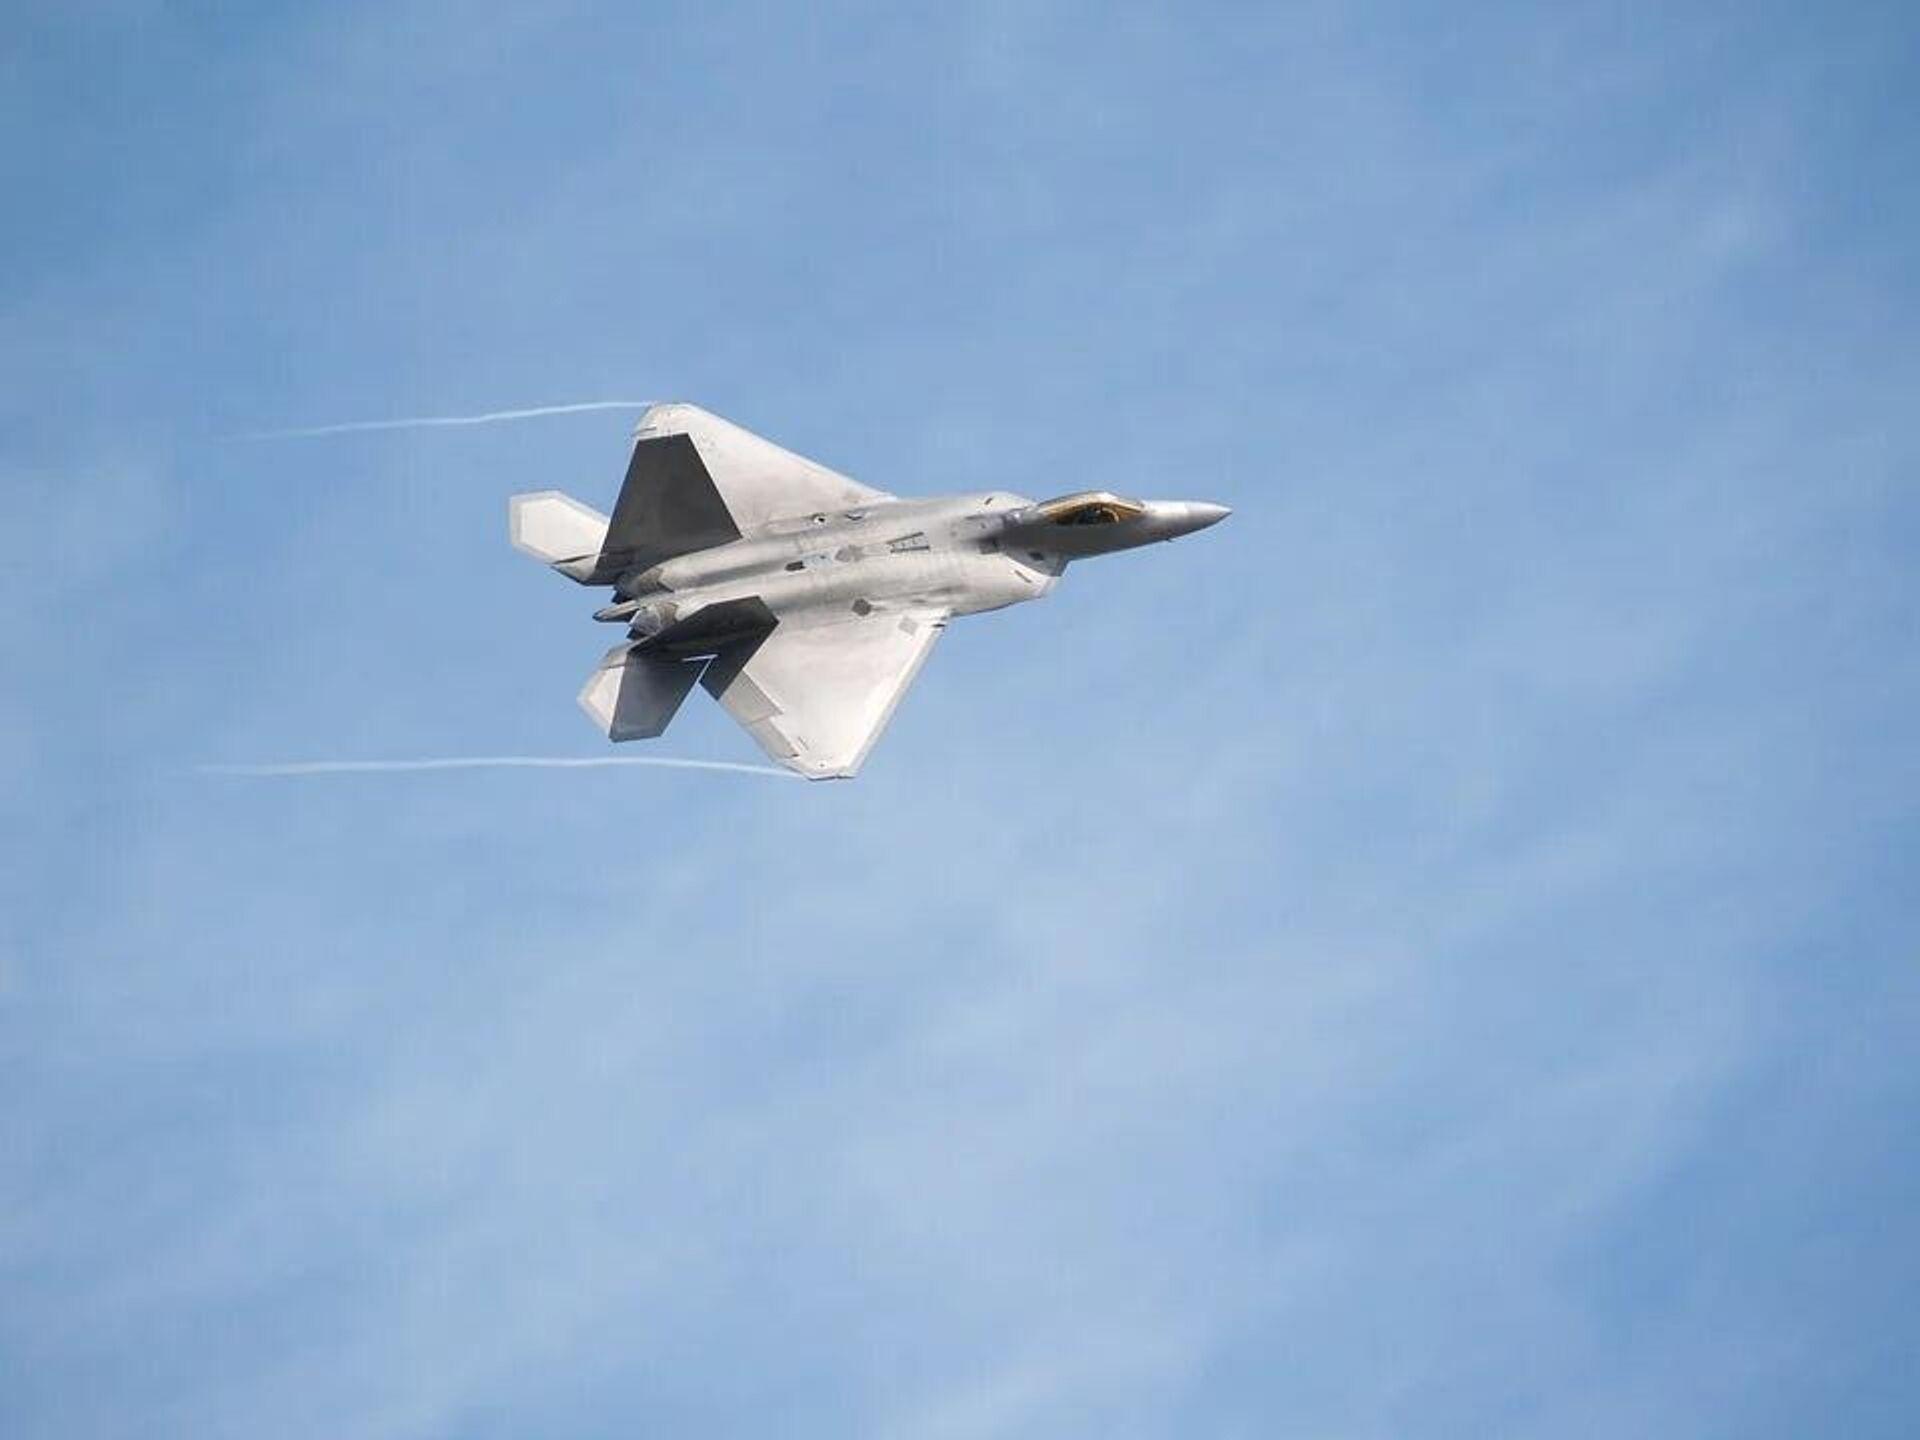 Американский истребитель-невидимка F-22 Raptor   - Sputnik Латвия, 1920, 09.07.2021